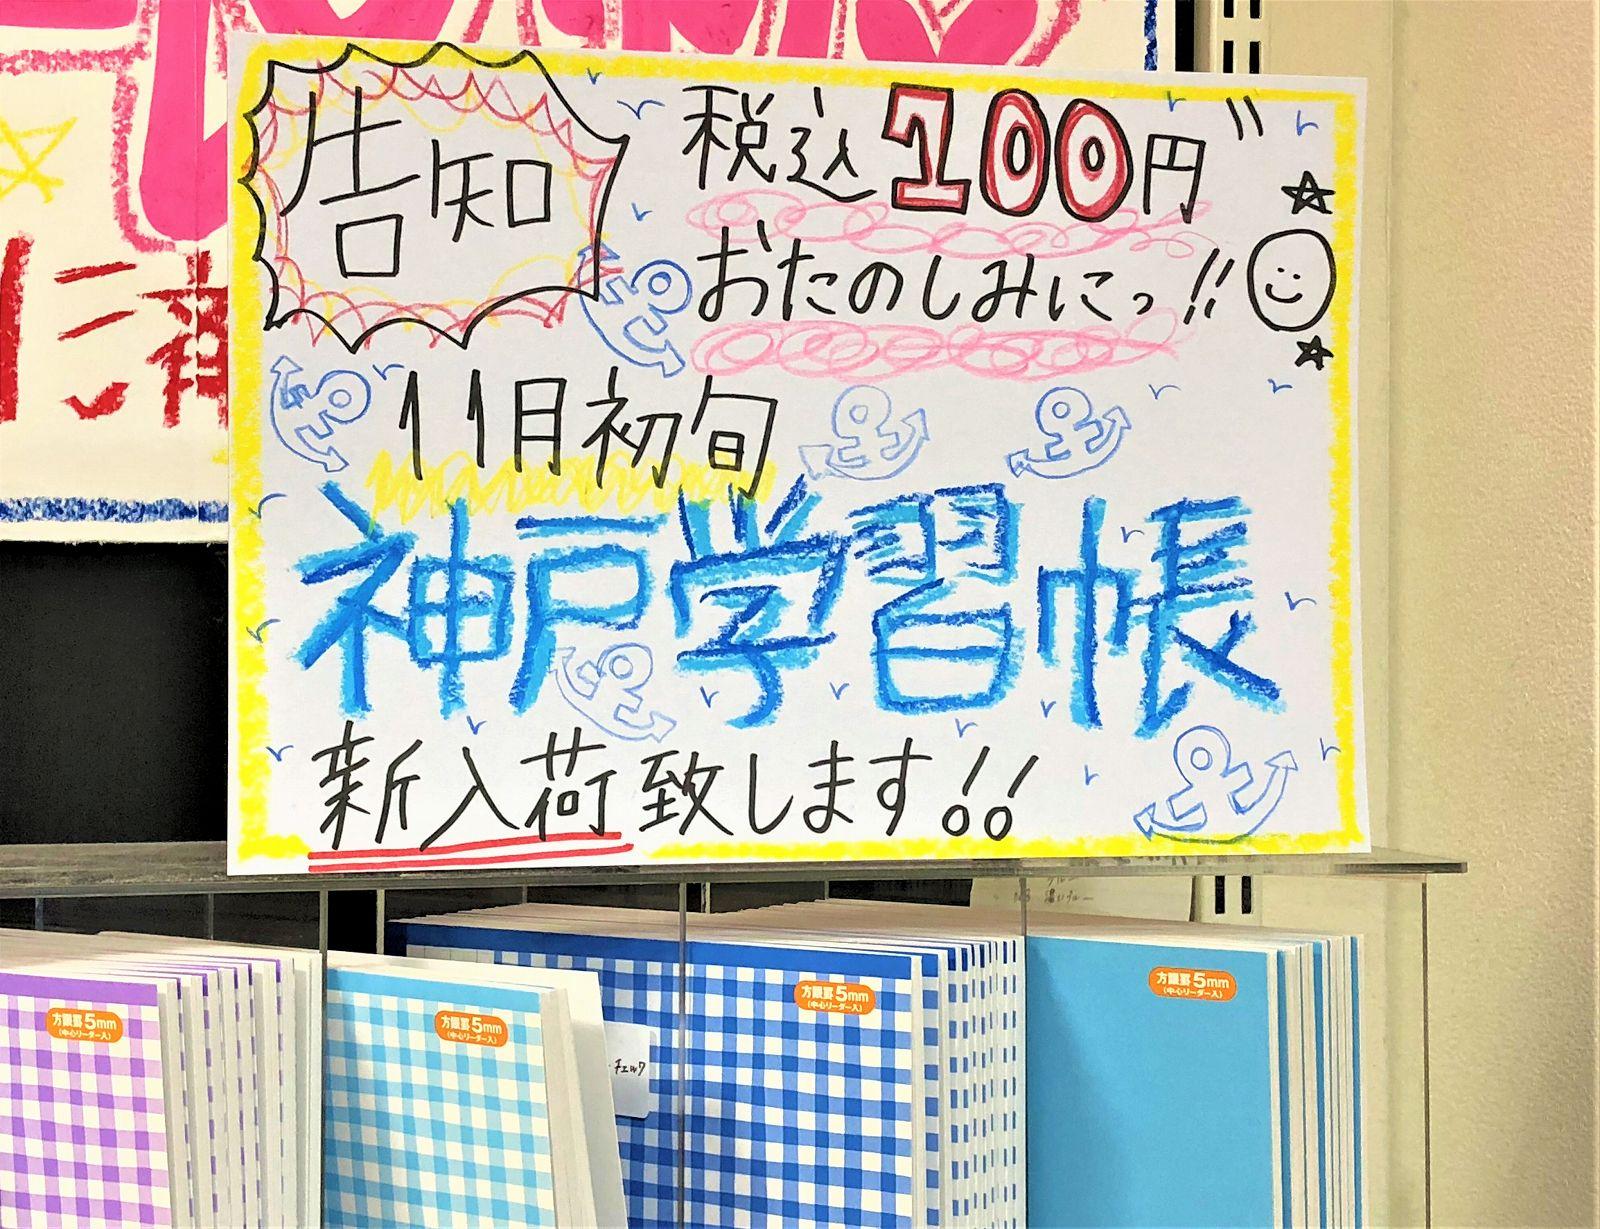 神戸らしいタータン柄の「神戸学習帳」が11月初旬より神戸市内限定で販売されるよ! #神戸学習帳 #新製品 #神戸ノート #コンパス #萬理産業 #文房具 #神戸ルール